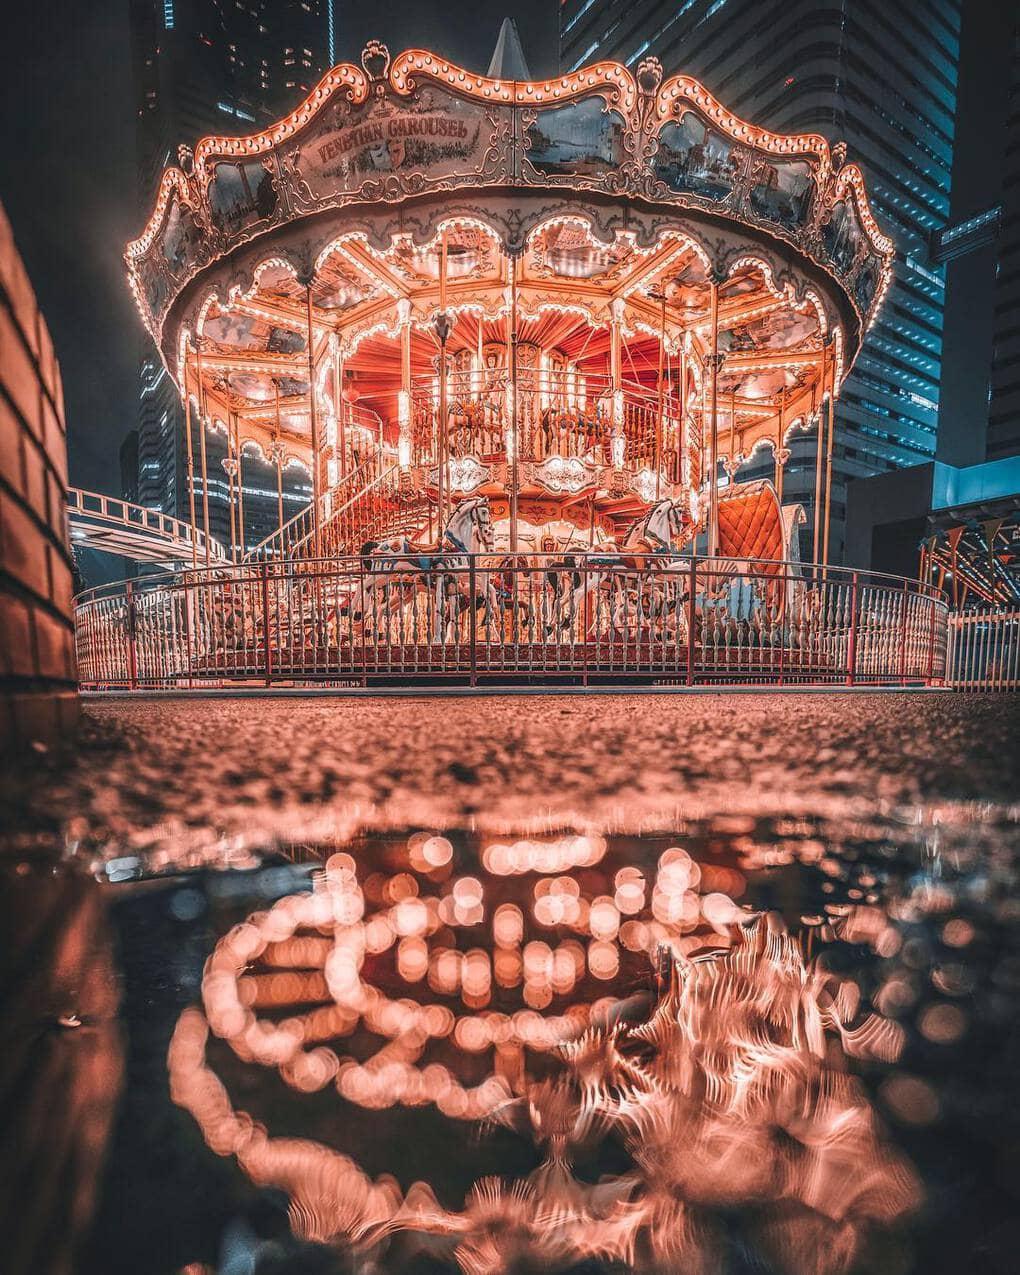 jungraphy 53364409 799739600383796 4635331363889963484 n - 25 работ фотографа из Токио, которые погрузят вас в магическую атмосферу ночных японских улиц